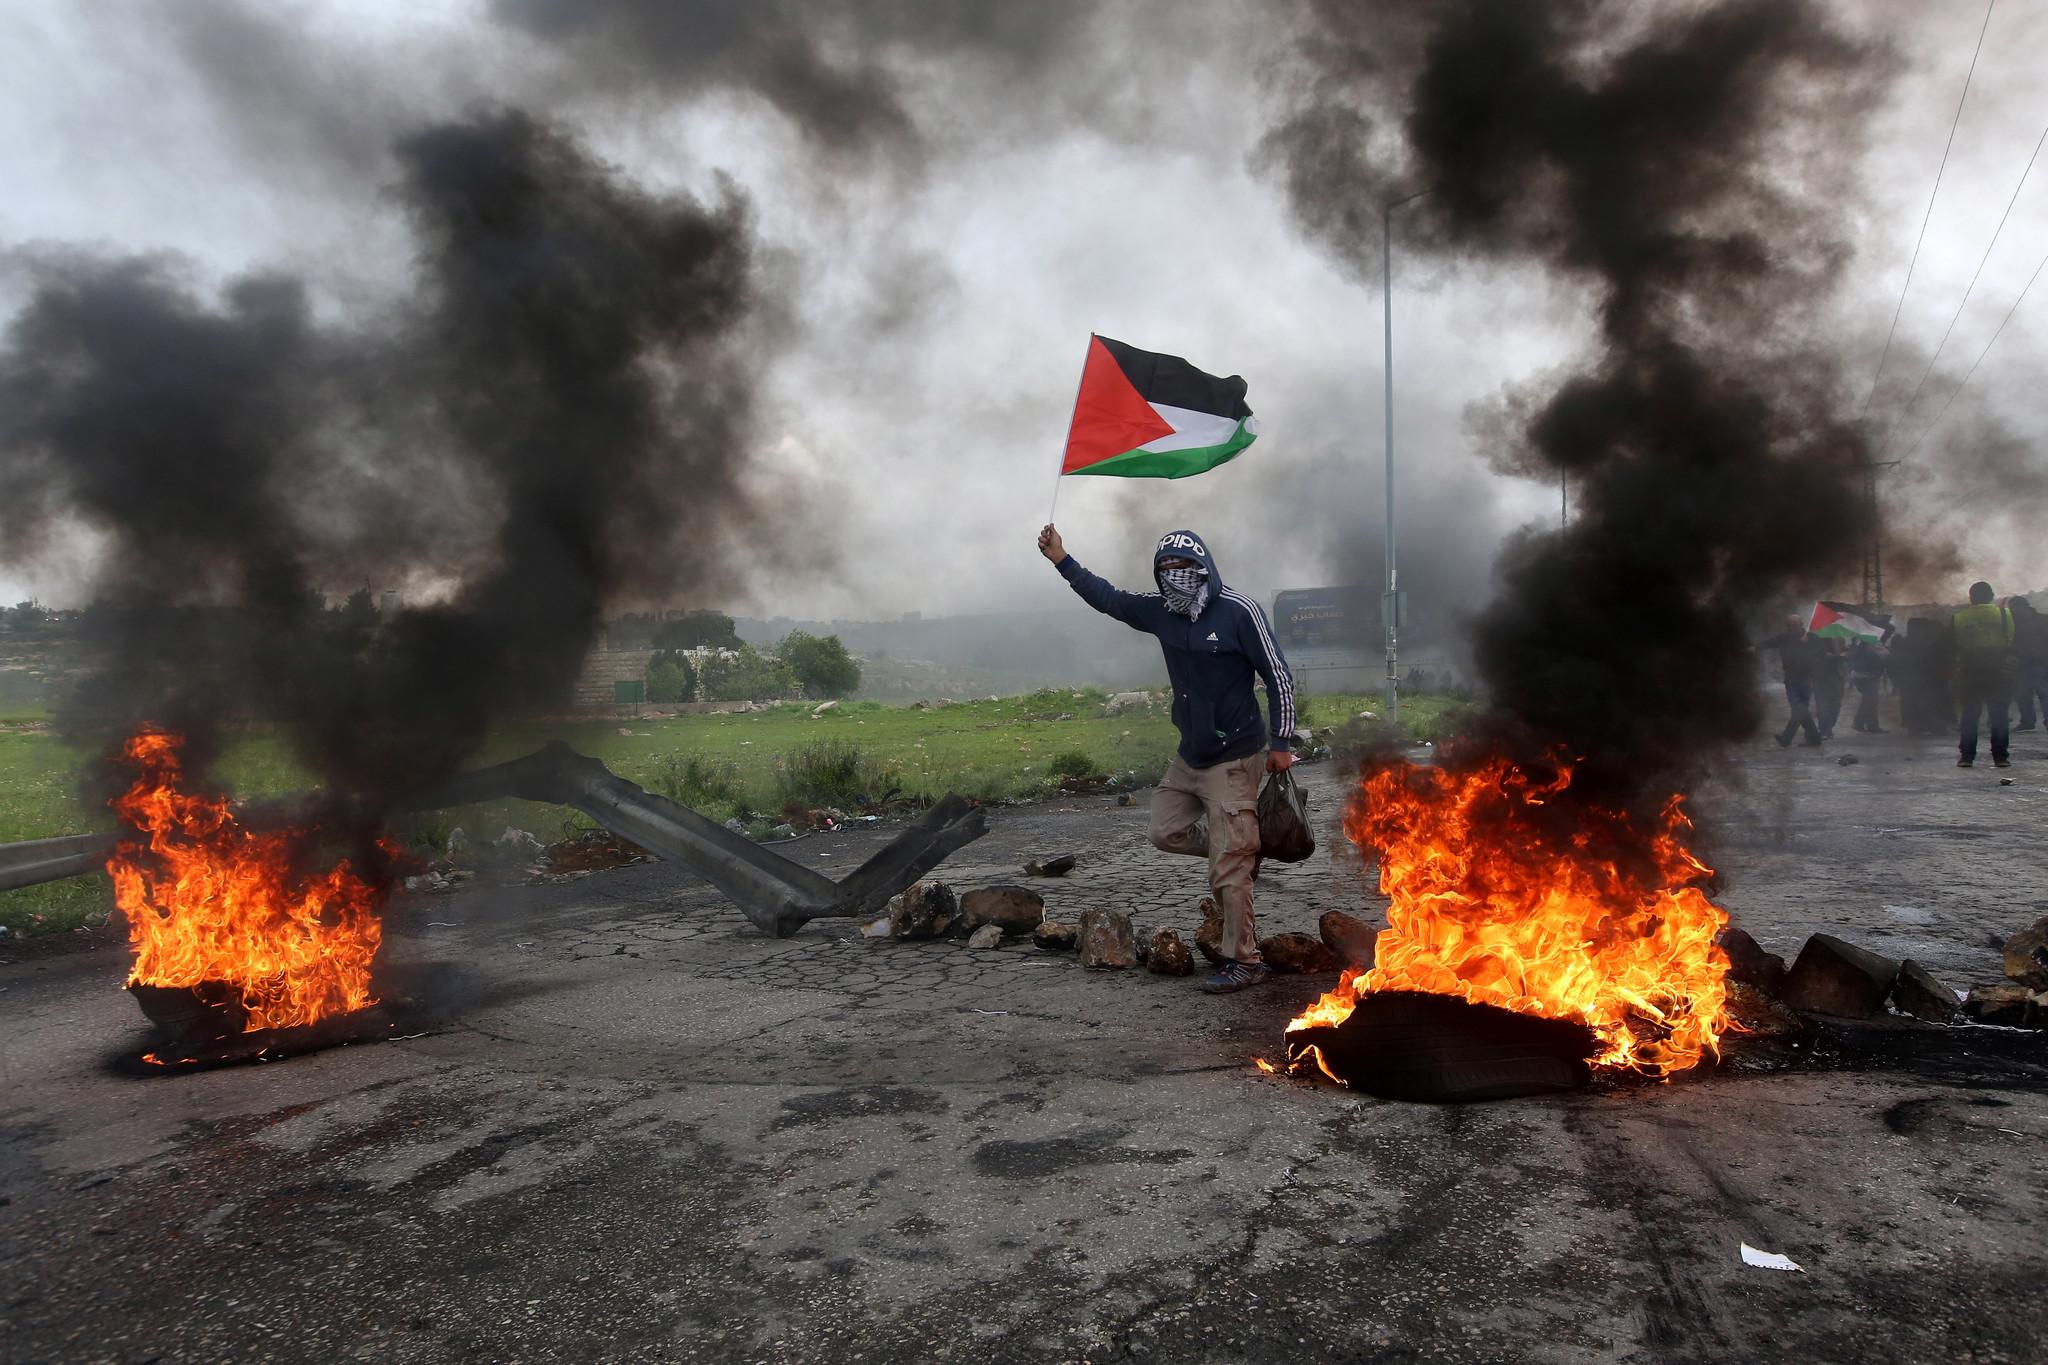 Clashes near Ramallah marking Land Day, --- - 30 Mar 2018